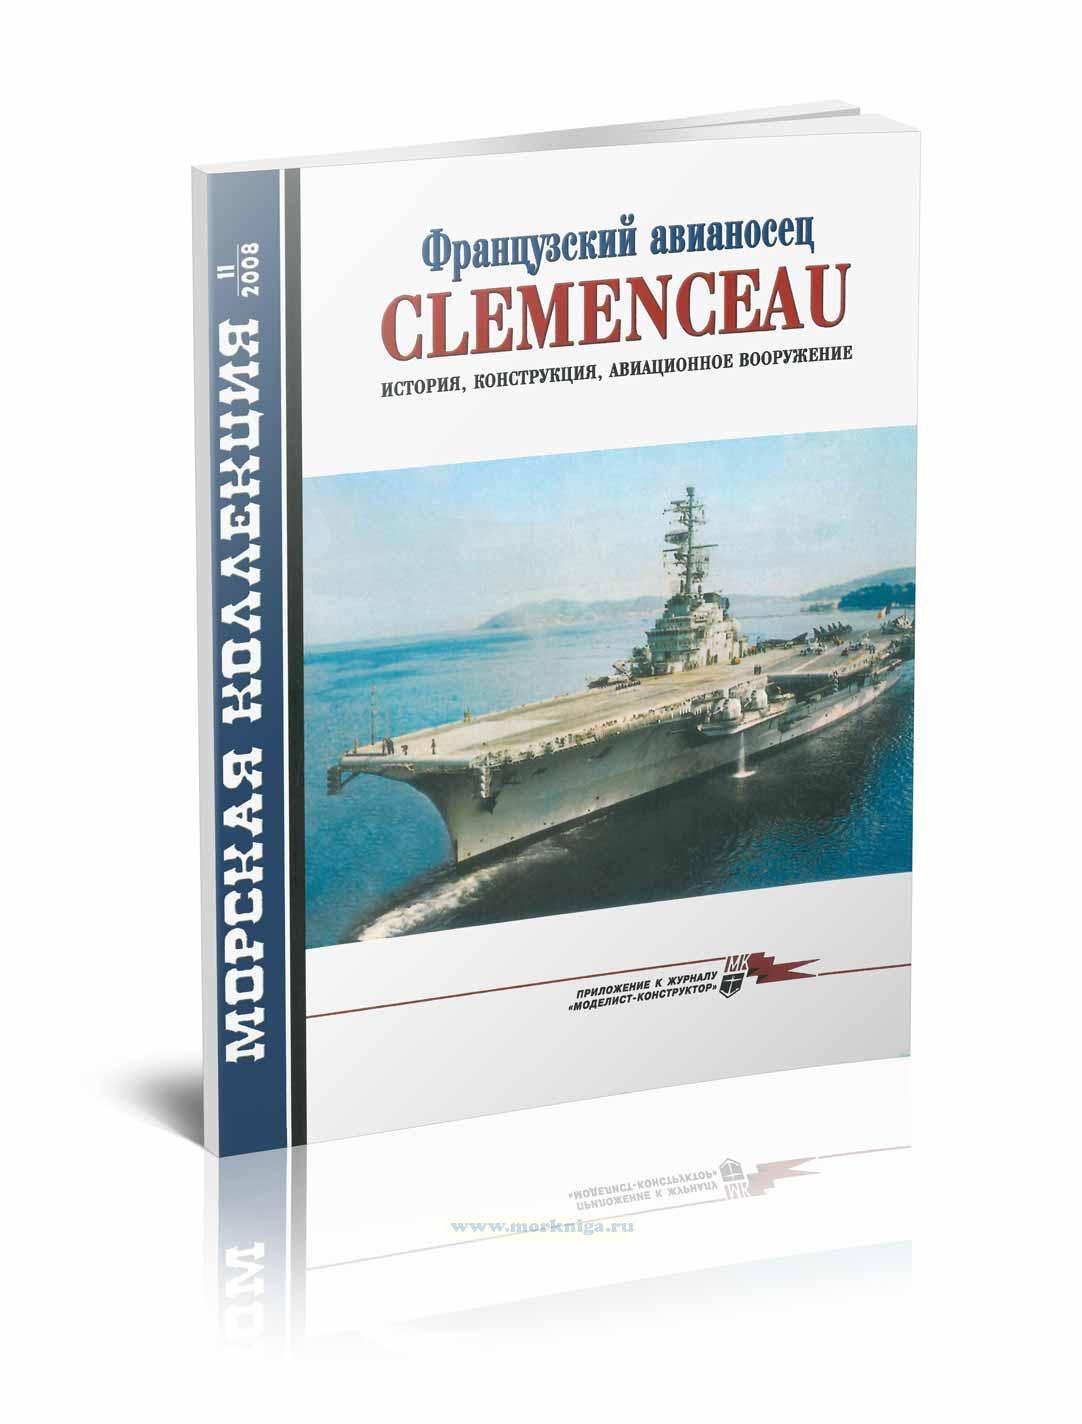 Французский авианосец CLEMENCEAU история, конструкция, авиационное вооружение. Морская коллекция №11 (2008)